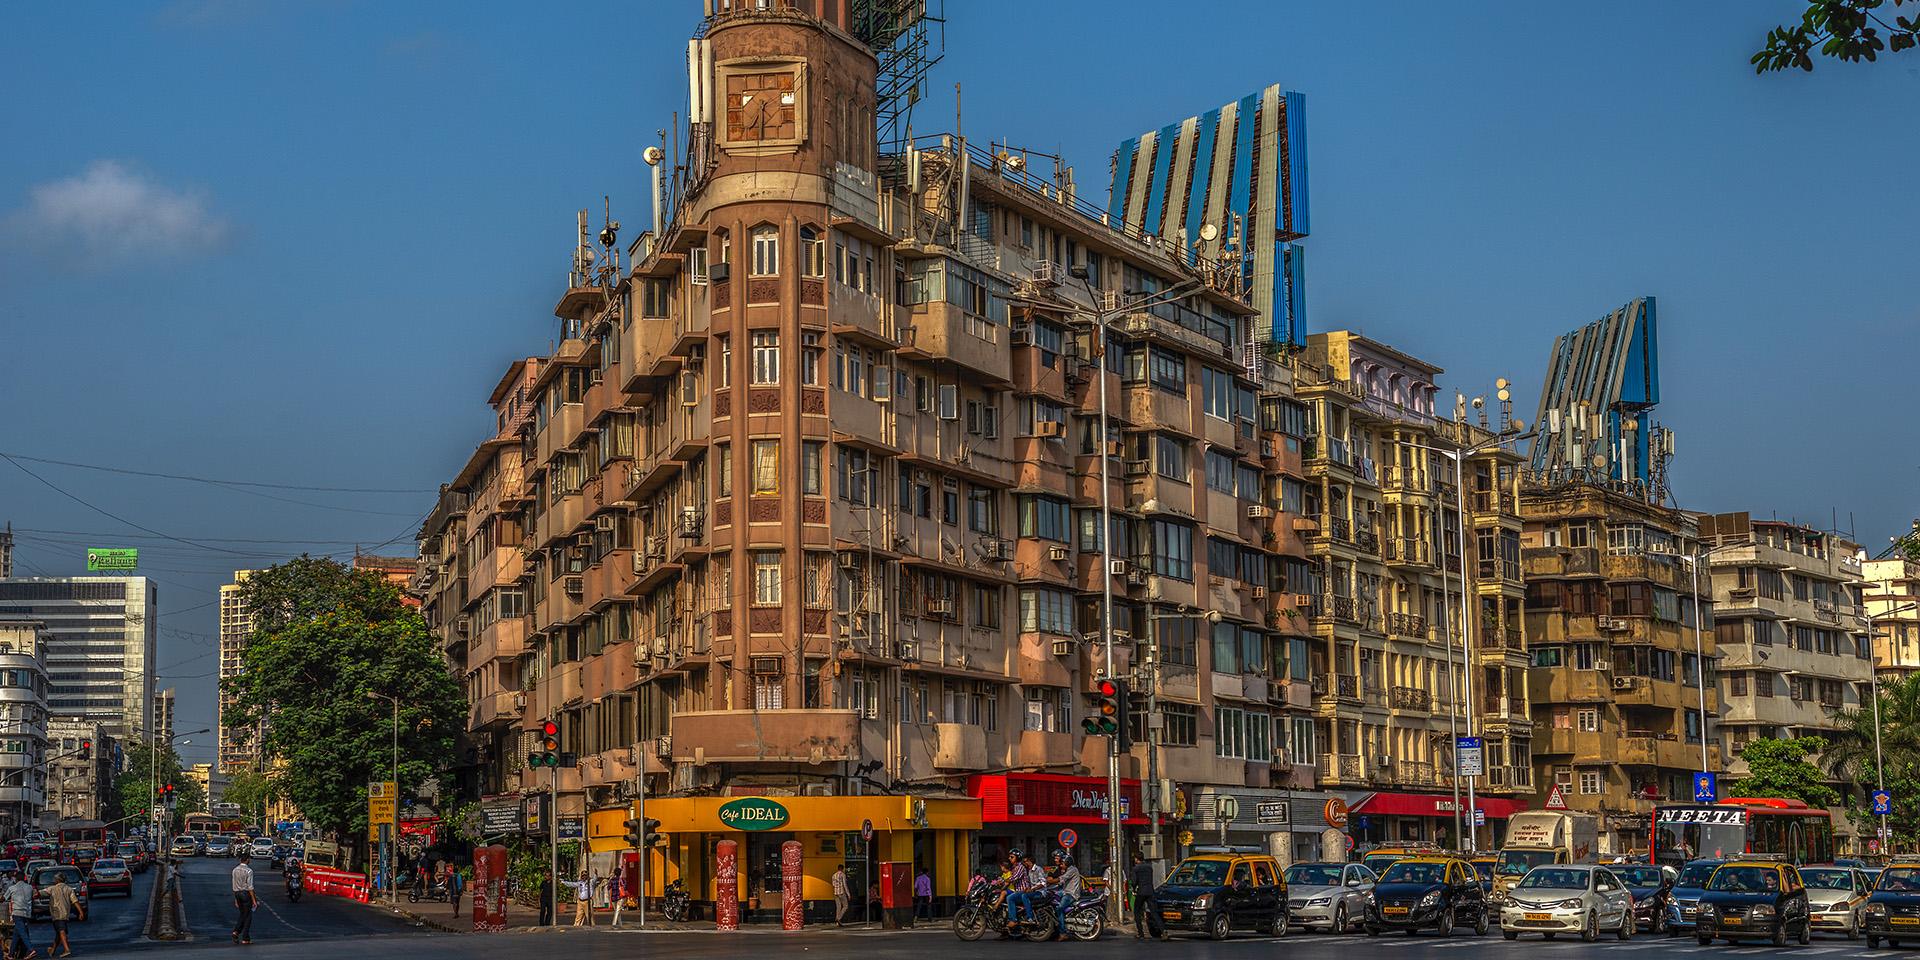 Indo-Deco: UNESCO Distinction for Mumbai's Art Deco ...